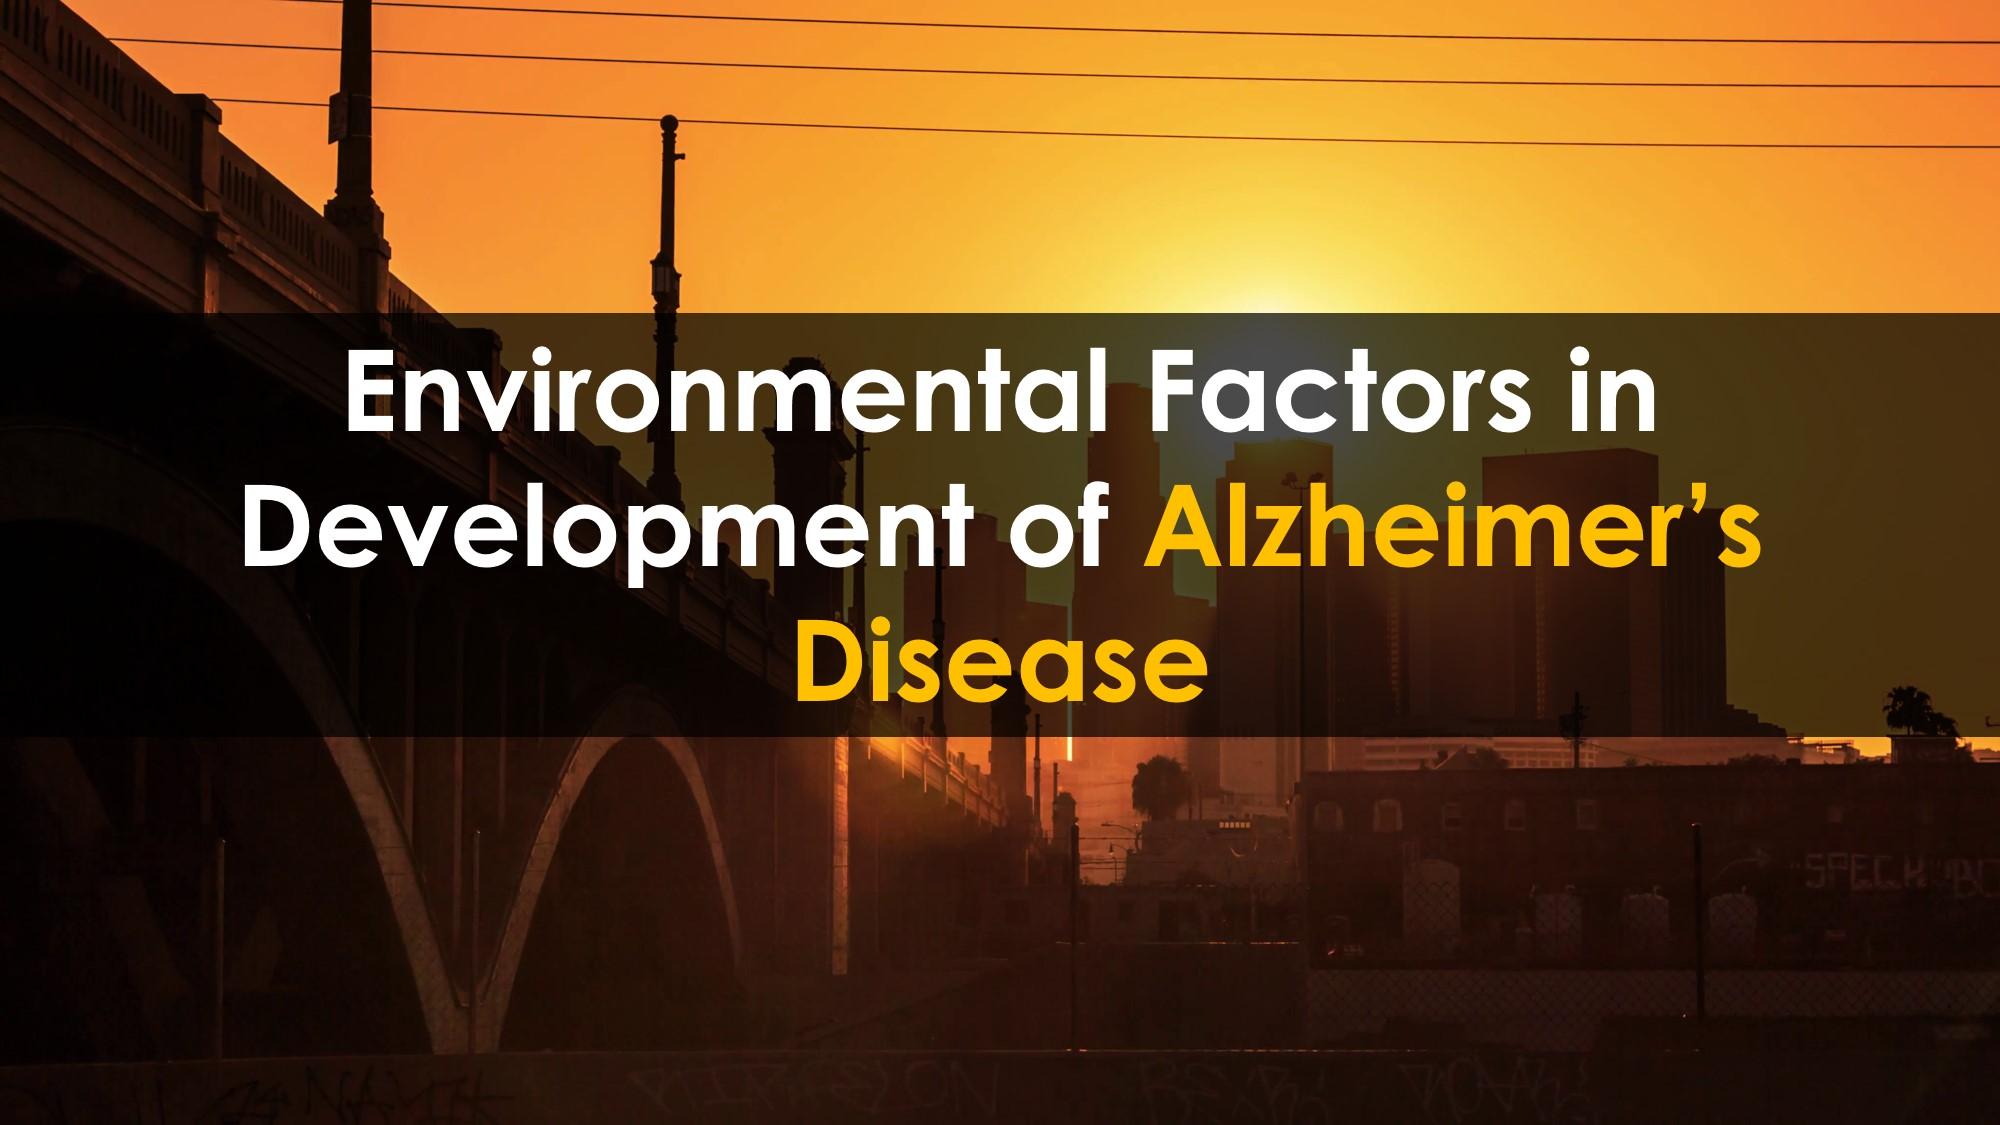 AlzheimerDisease